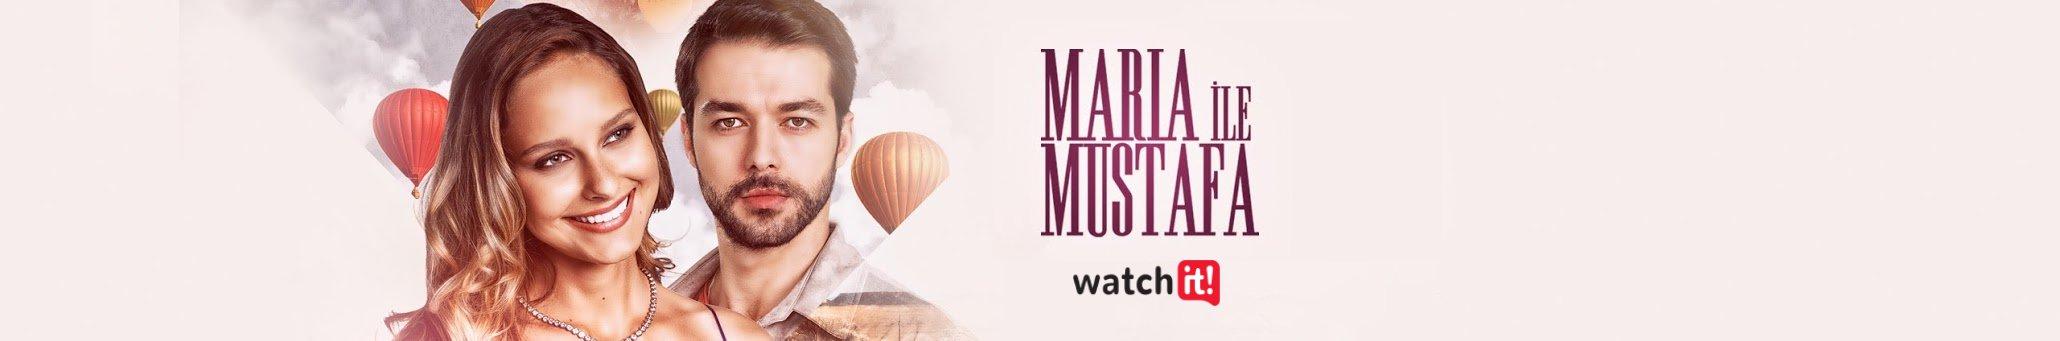 Maria ile Mustafa English subtitles | Maria and Mustafa